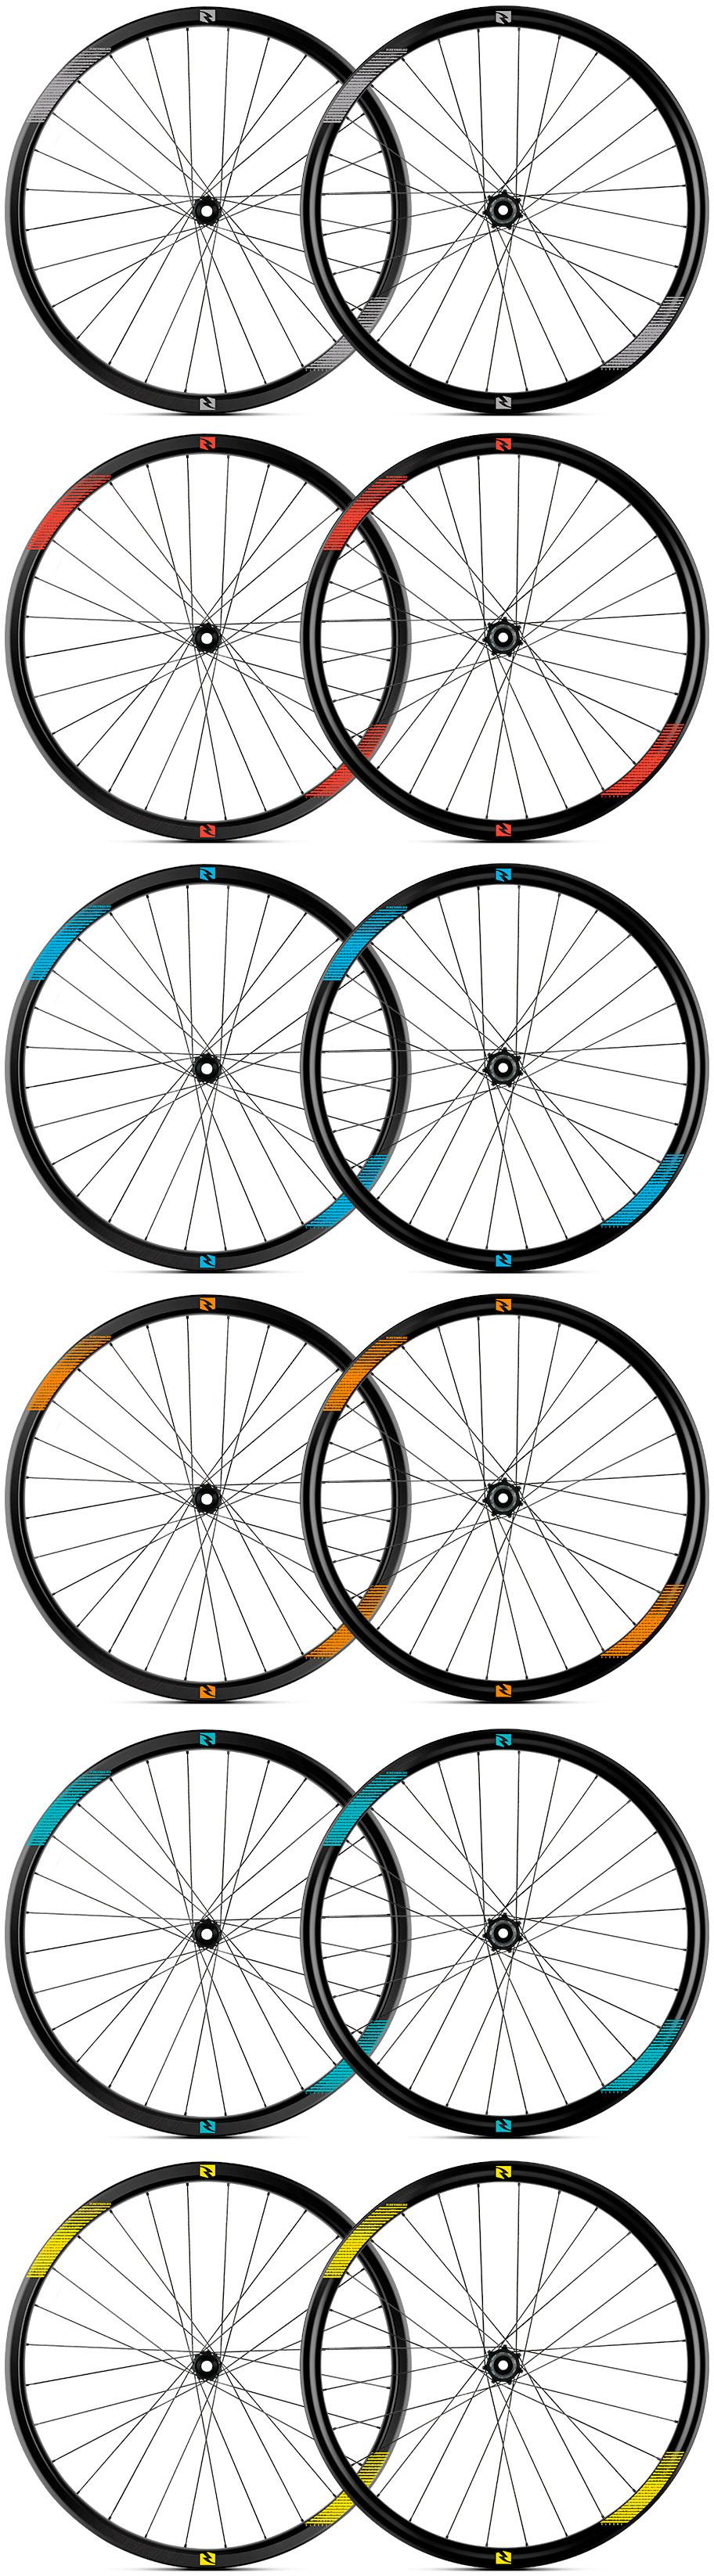 En TodoMountainBike: Perfil ancho y garantía de por vida para las ruedas de carbono Reynolds TR S 2018